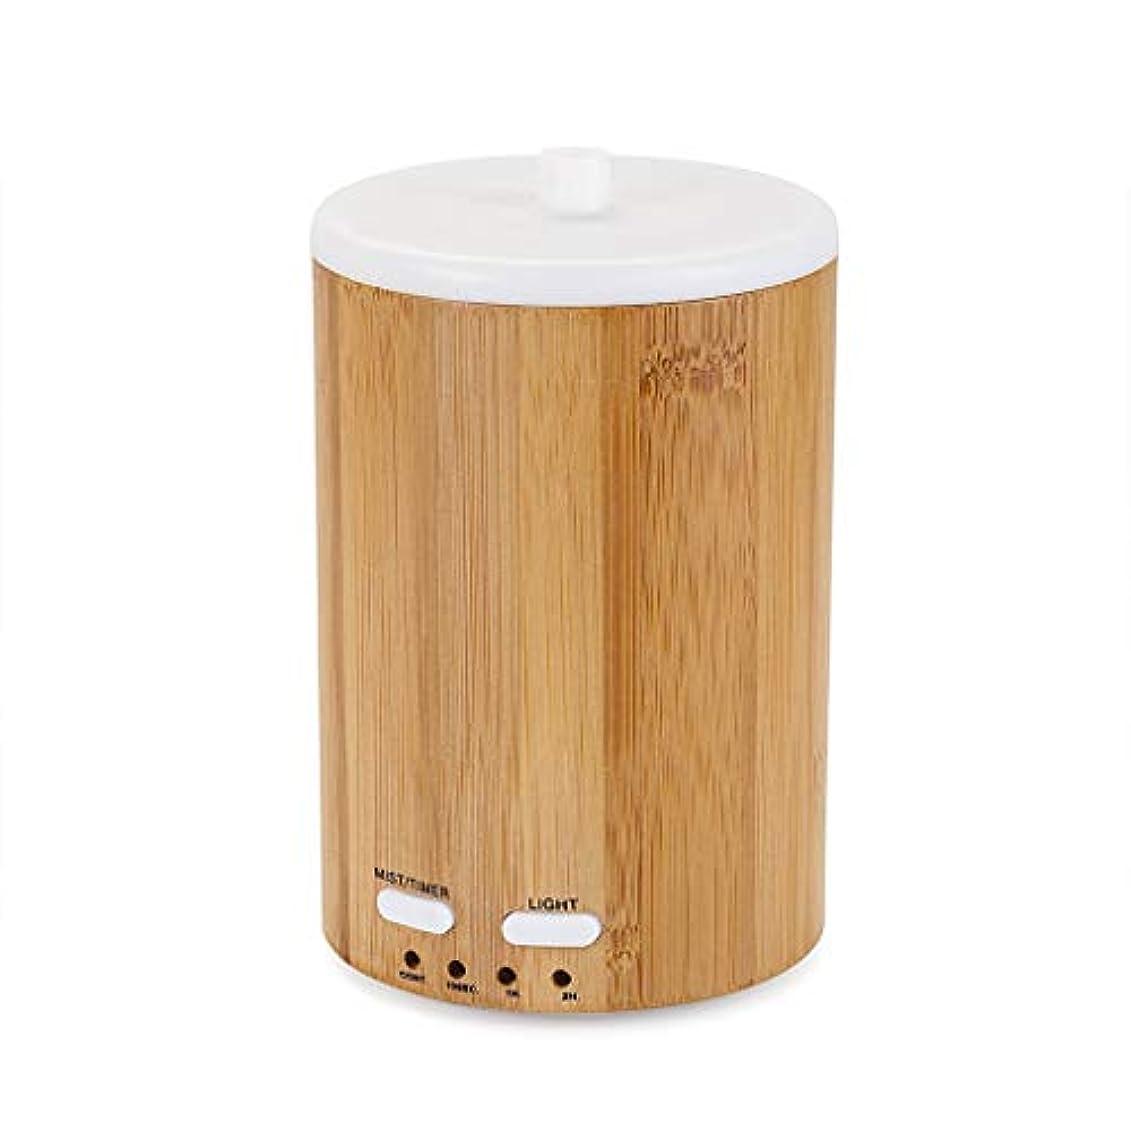 シール怠な幸運なアップグレードされたリアル竹ディフューザー超音波ディフューザークールミスト加湿器断続的な連続ミスト2作業モードウォーターレスオートオフ7色LEDライト (Color : Bamboo)